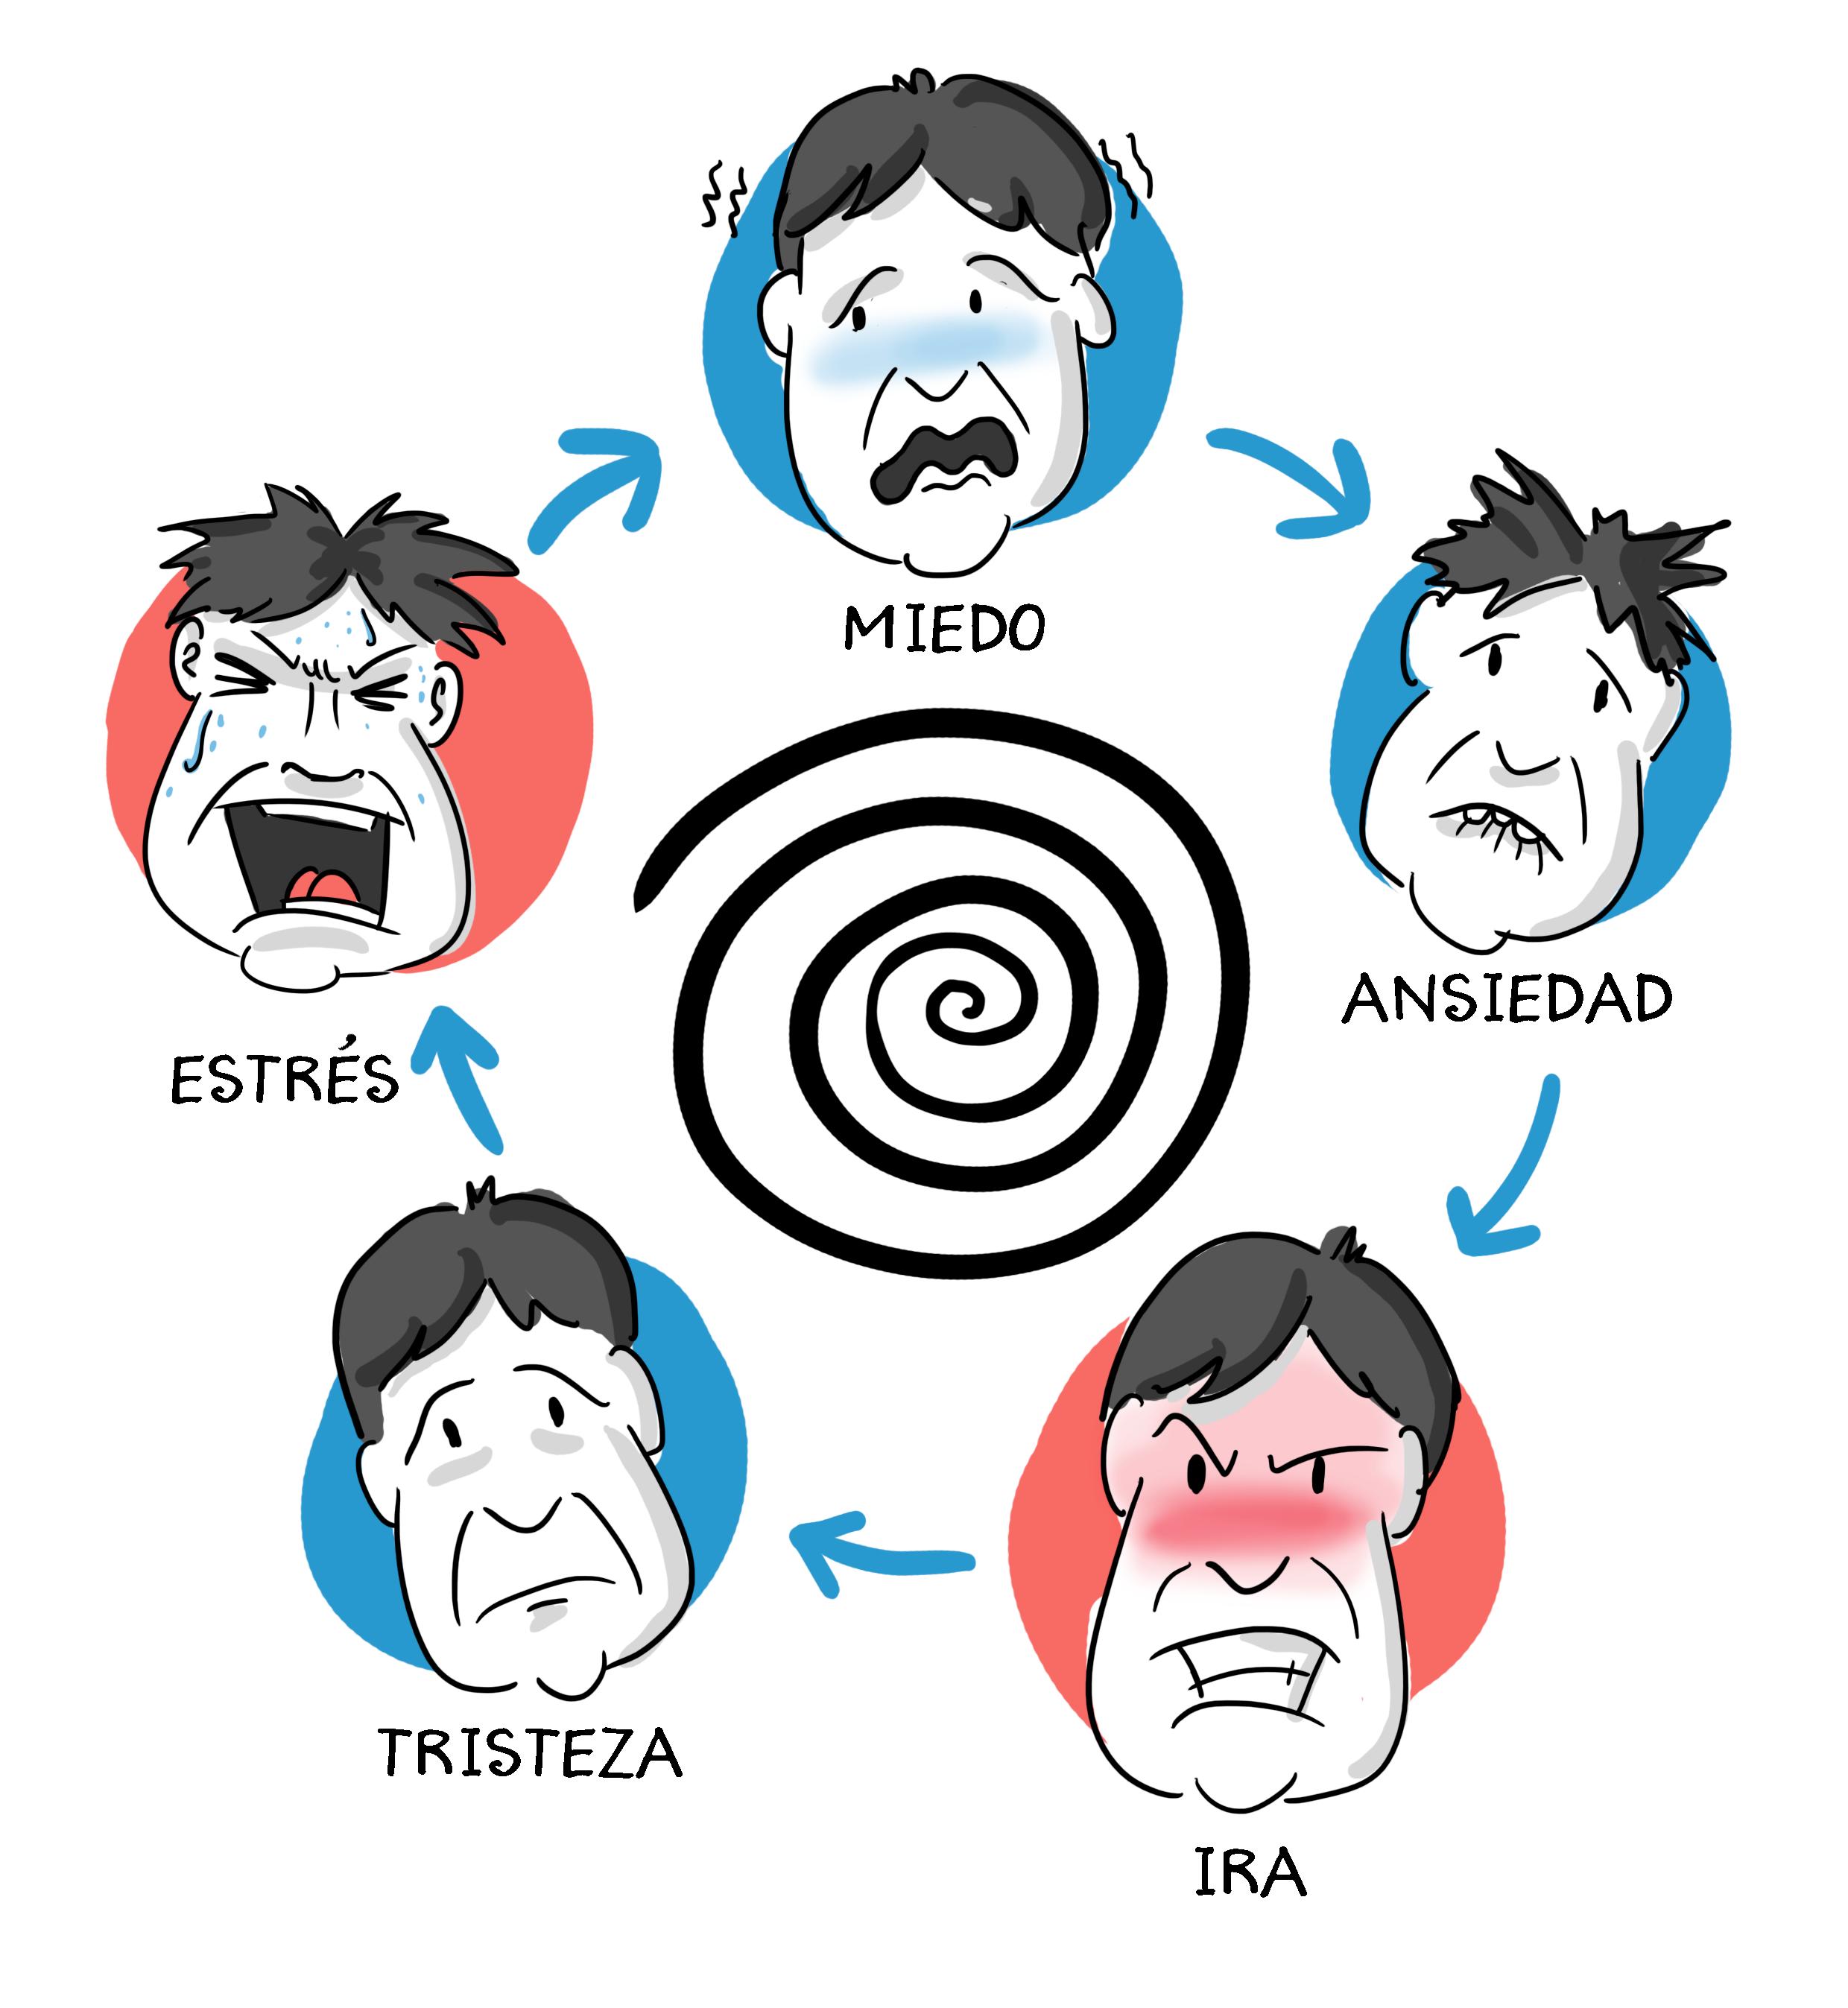 Imagen 1. Cuestiones psicológicas que preocupan a los pacientes con EII